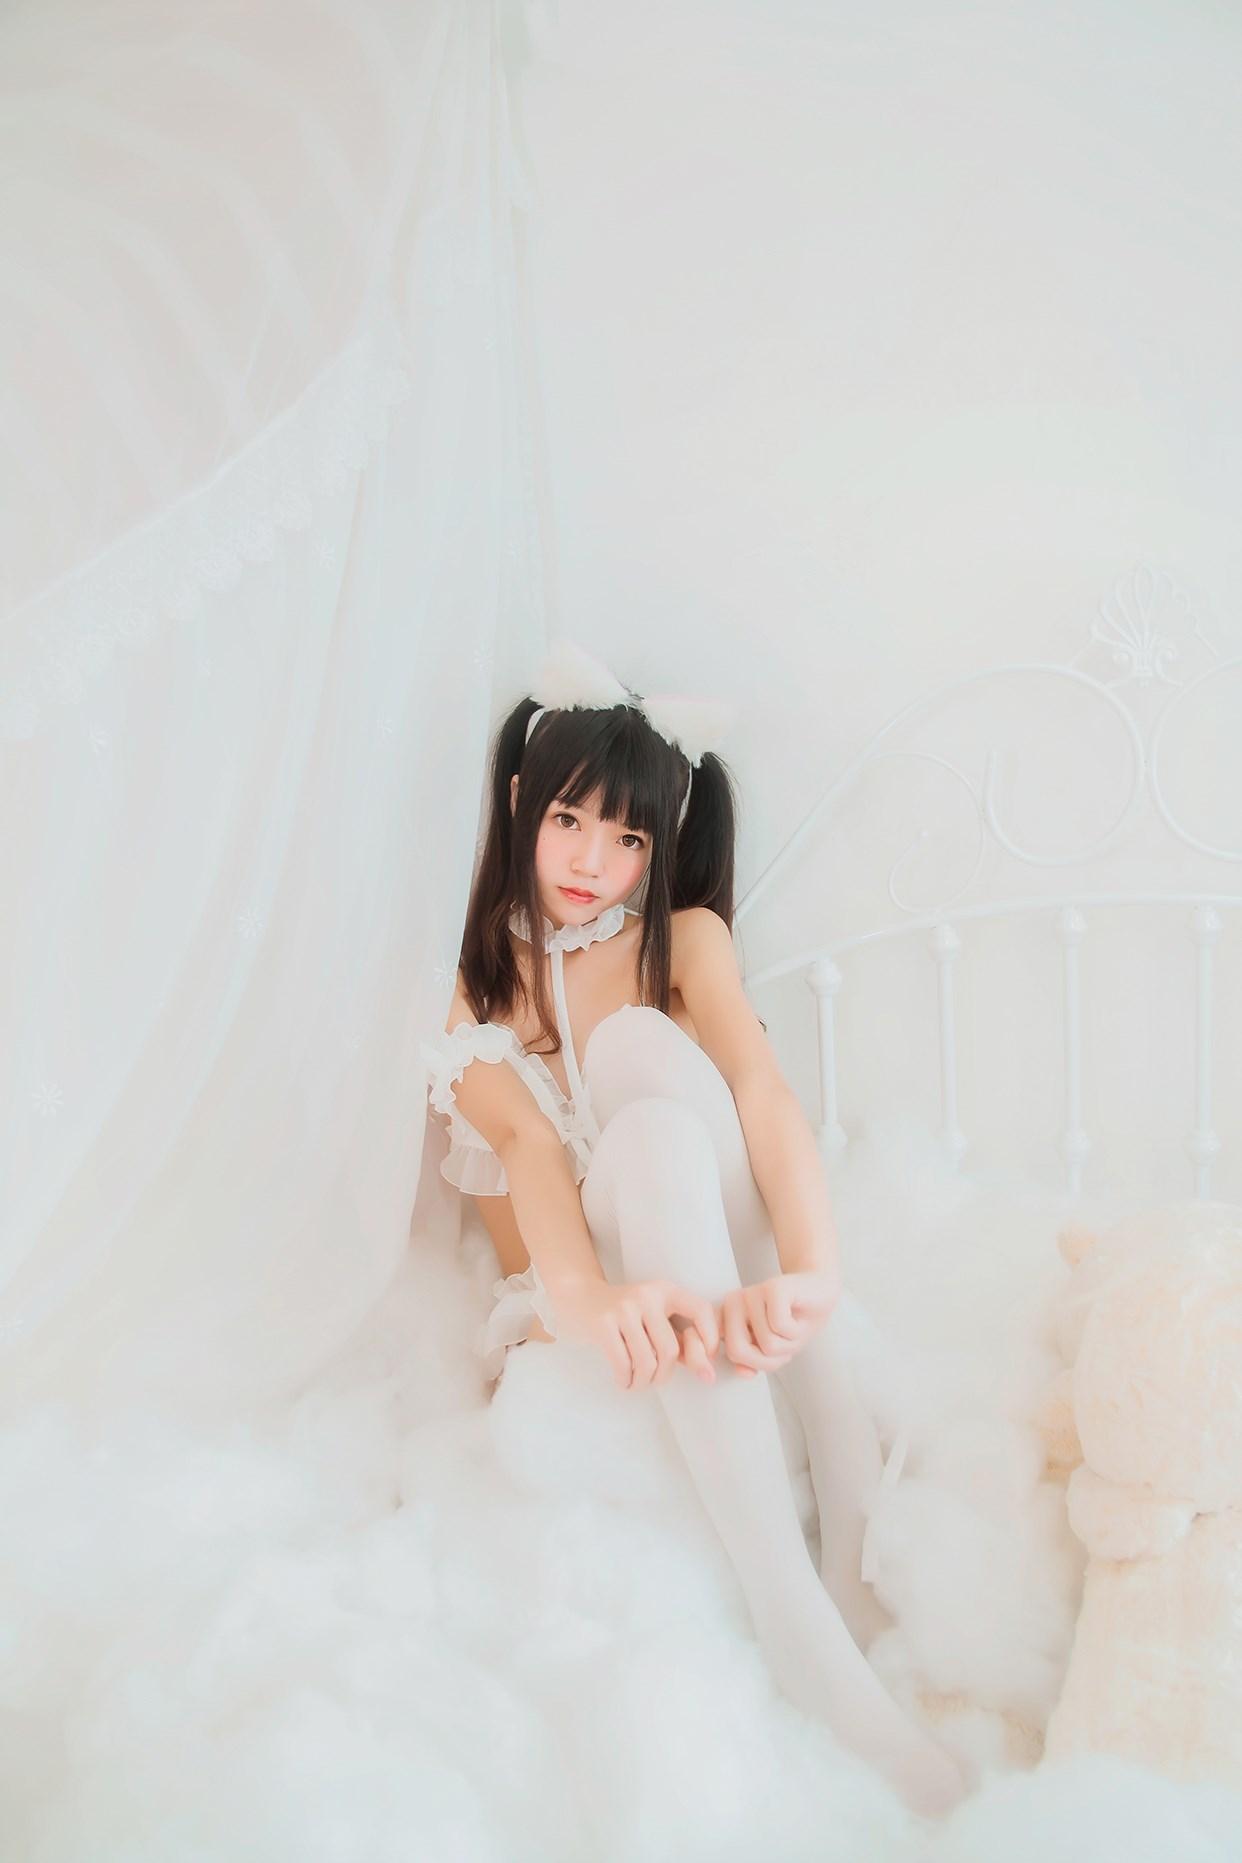 【兔玩映画】喵喵睡衣 兔玩映画 第6张